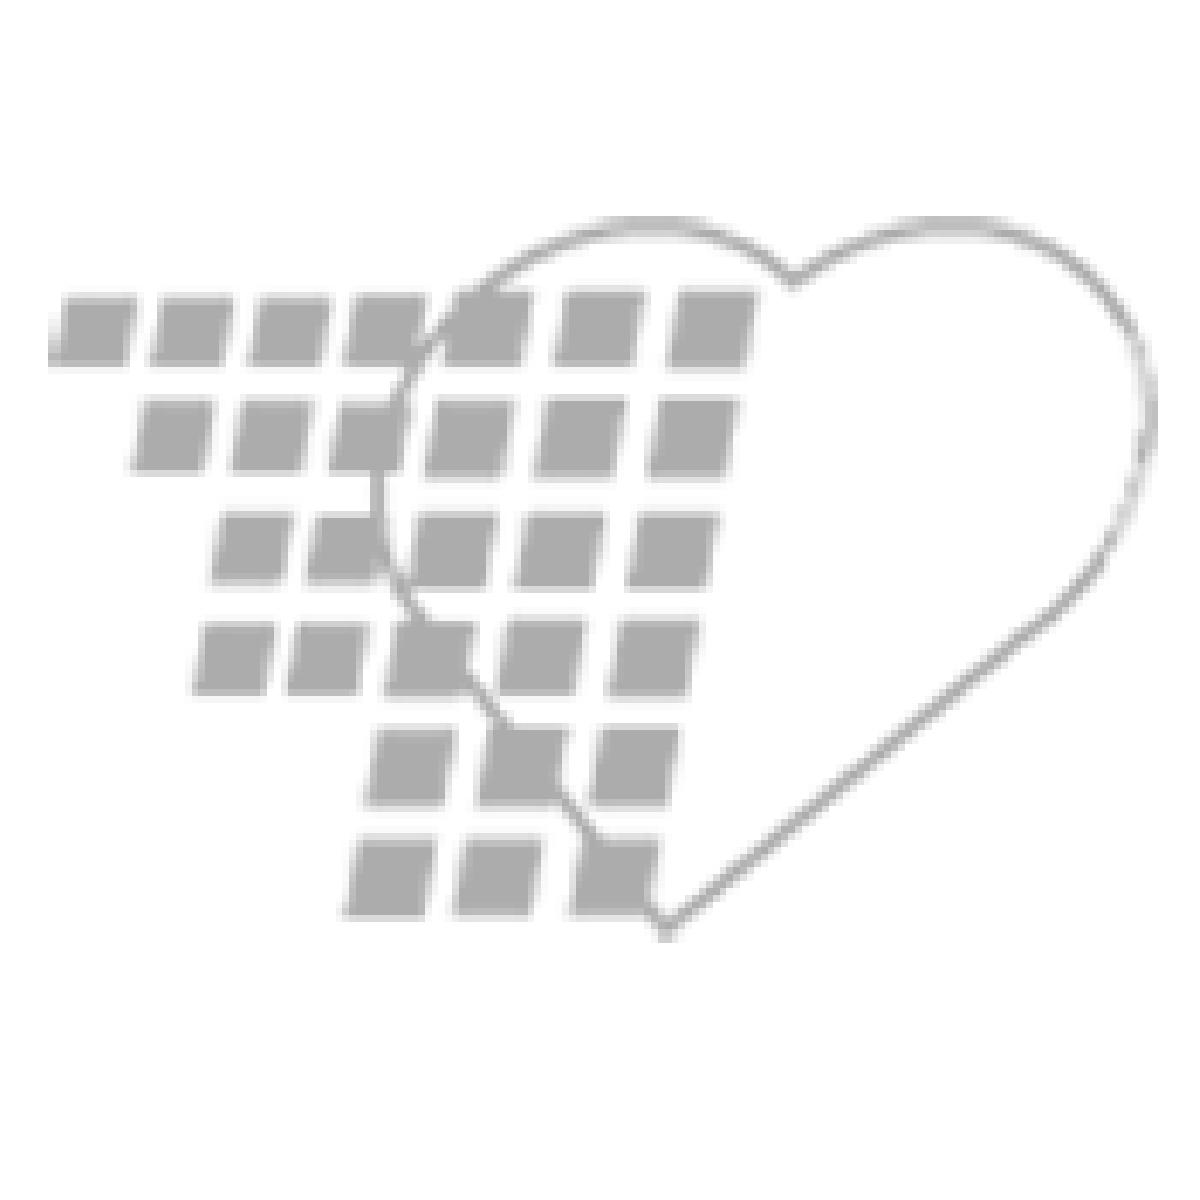 """06-26-2226 SURFLASH® I.V. Catheter 22G x 1"""" - Blue"""